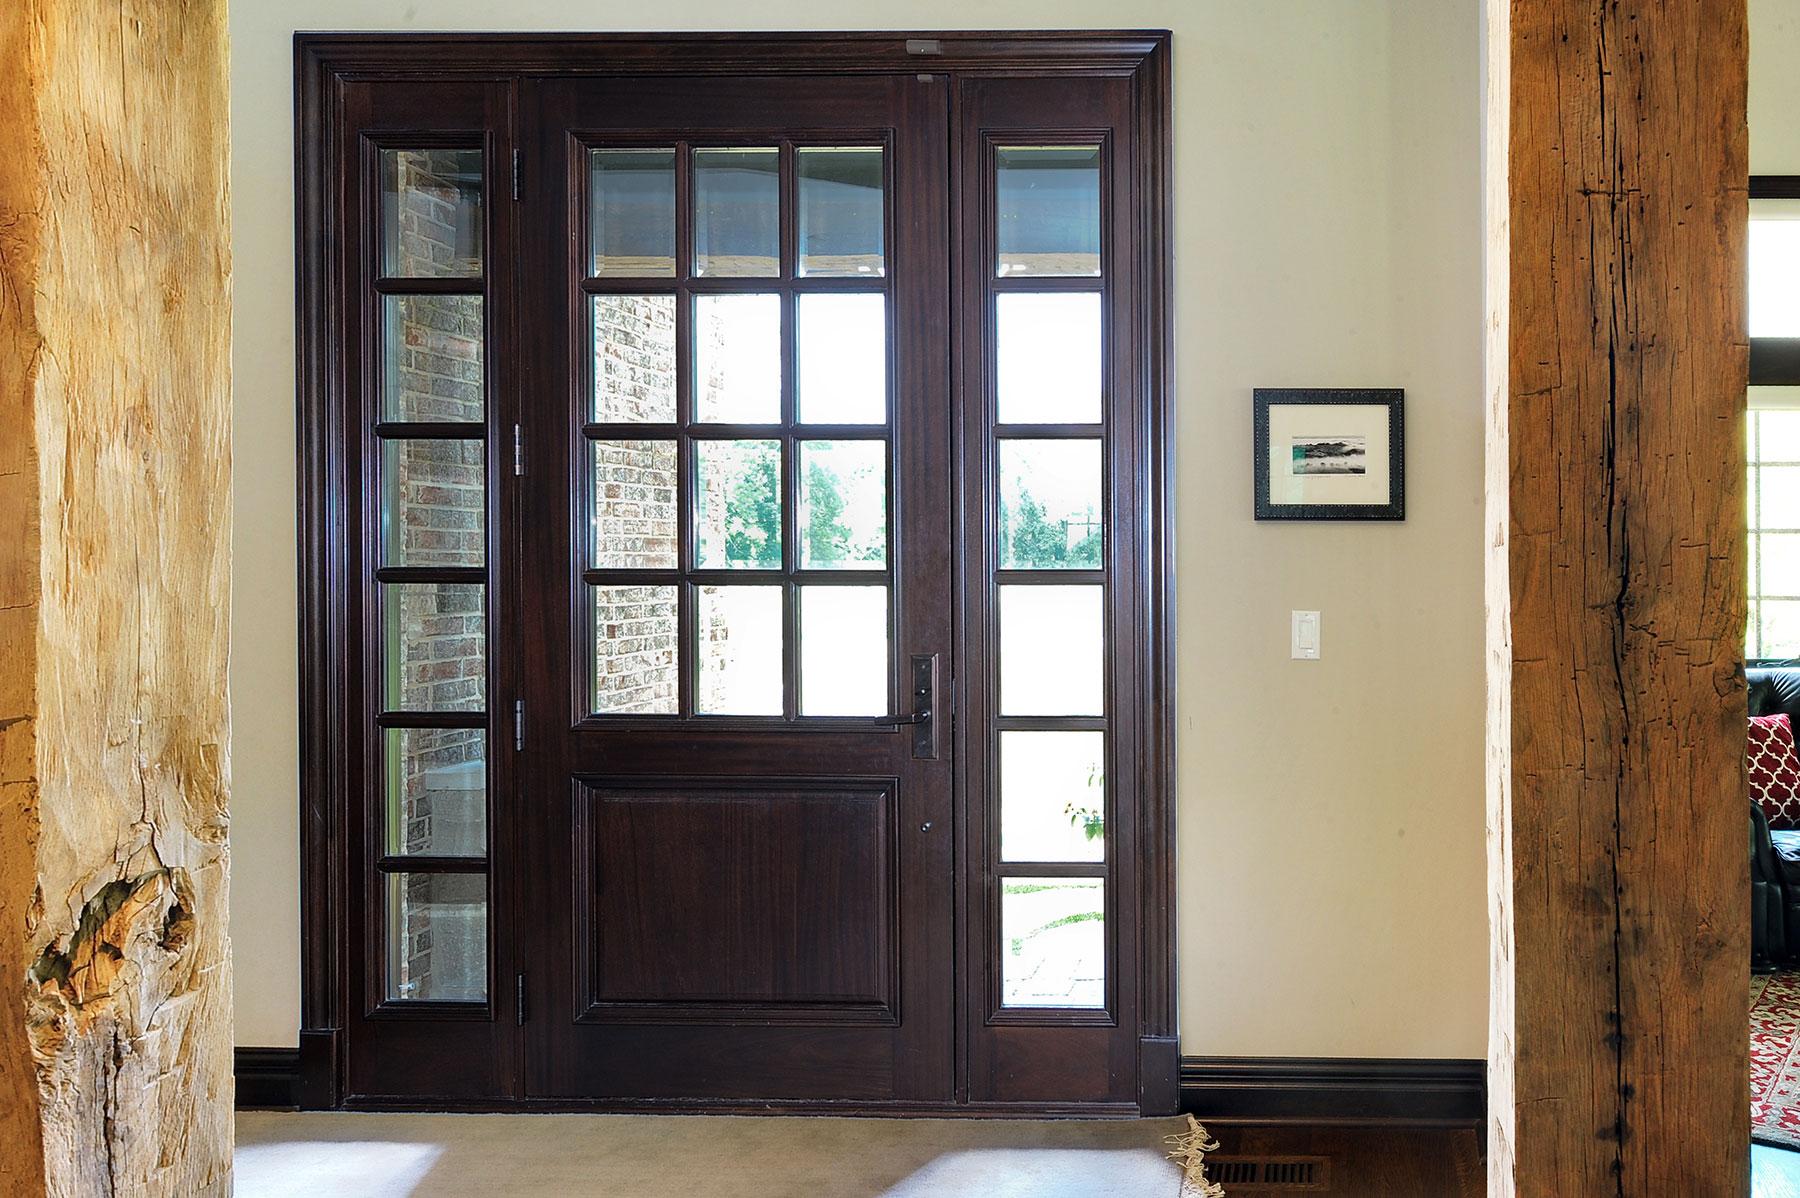 Glenview haus custom front door design a growing trend in for Unique front doors